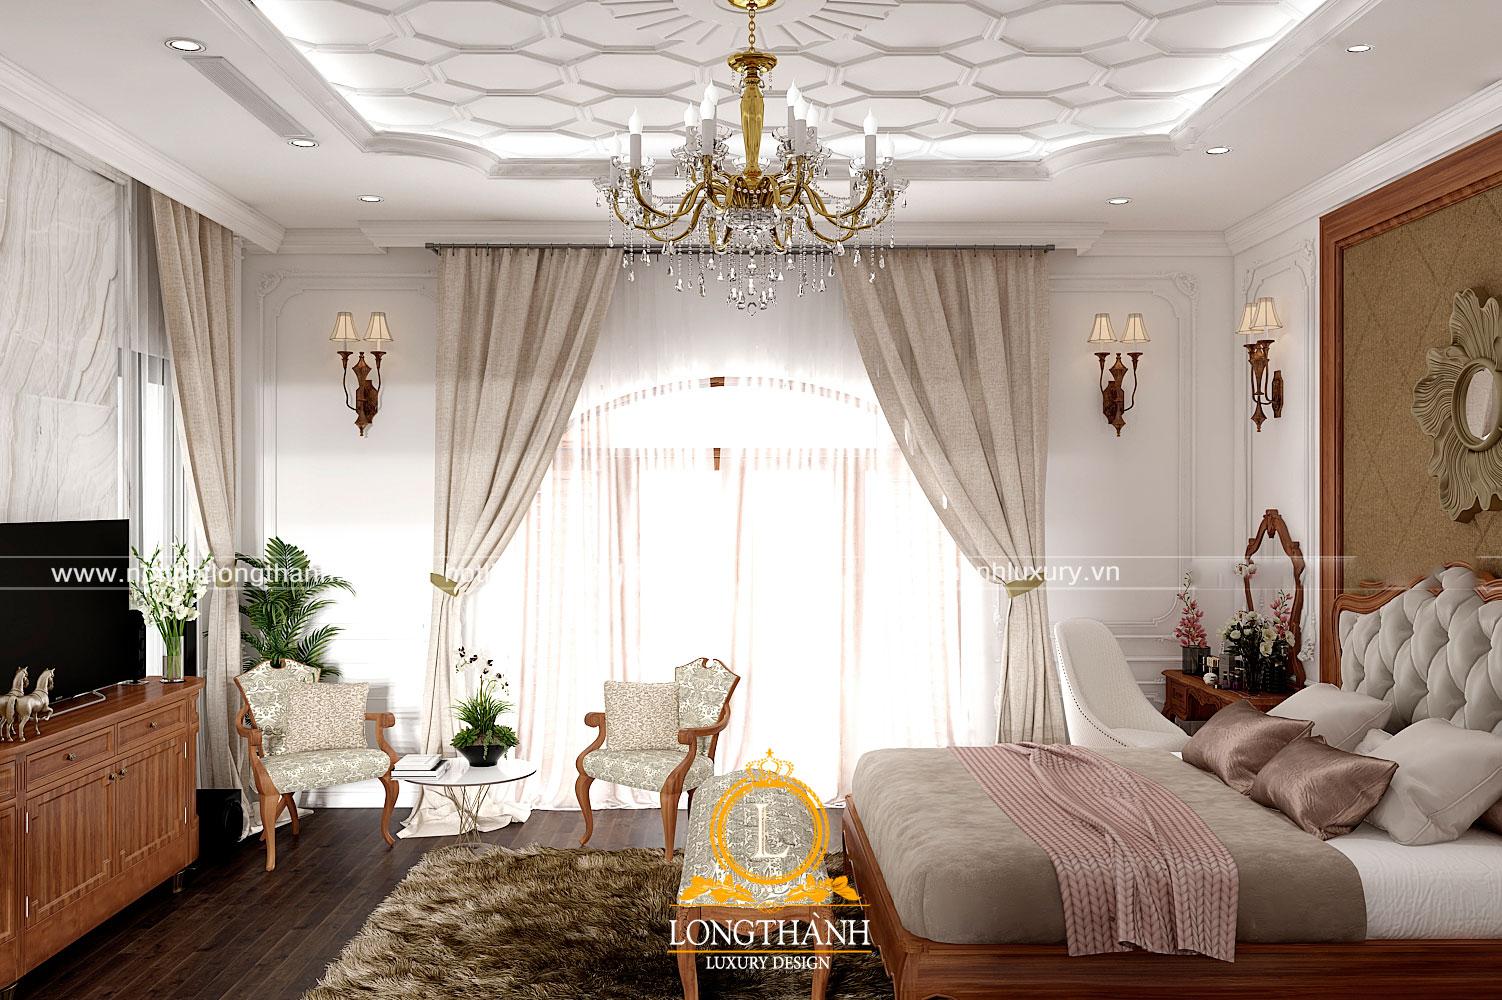 Phòng ngủ đẹp với ánh sáng tự nhiên